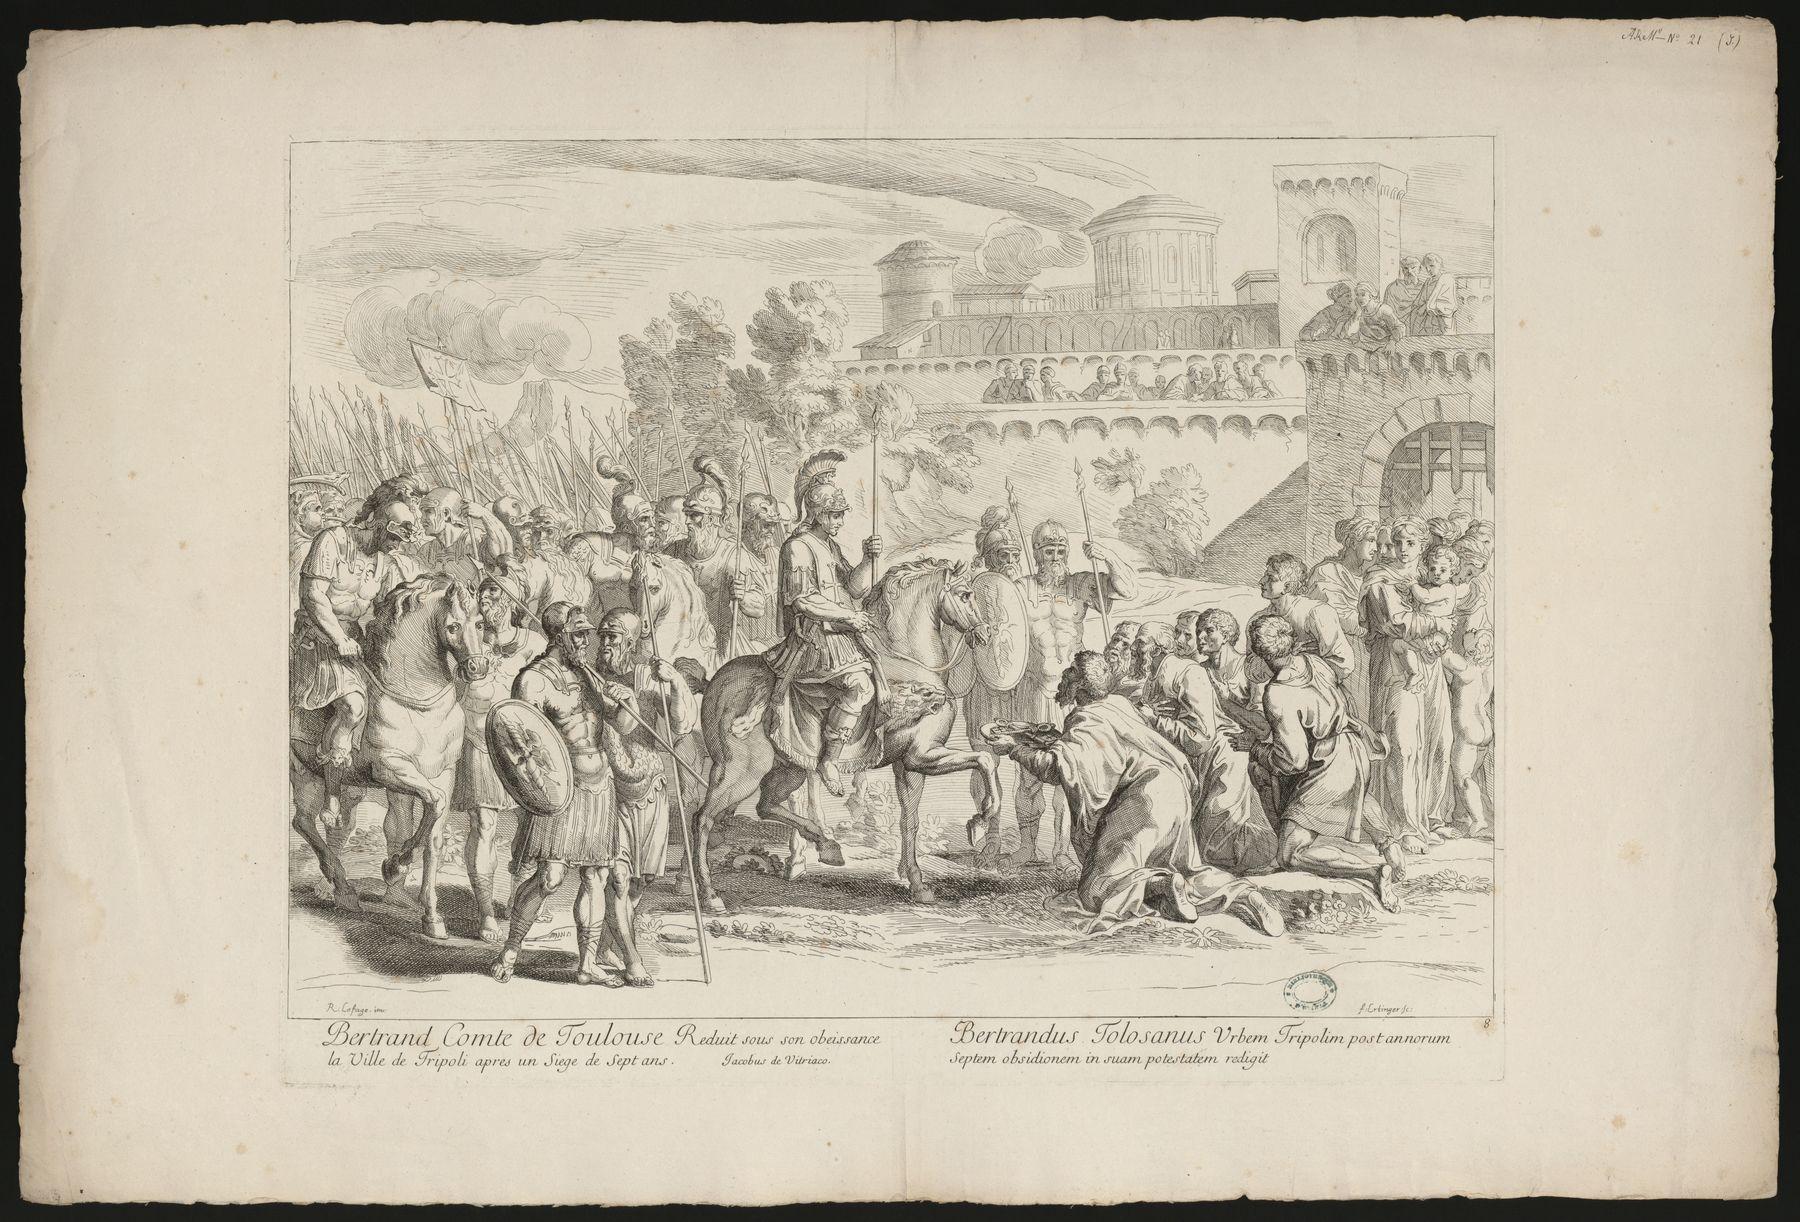 Contenu du Bertrand Comte de Toulouse réduit sous son obéissance la Ville de Tripoli